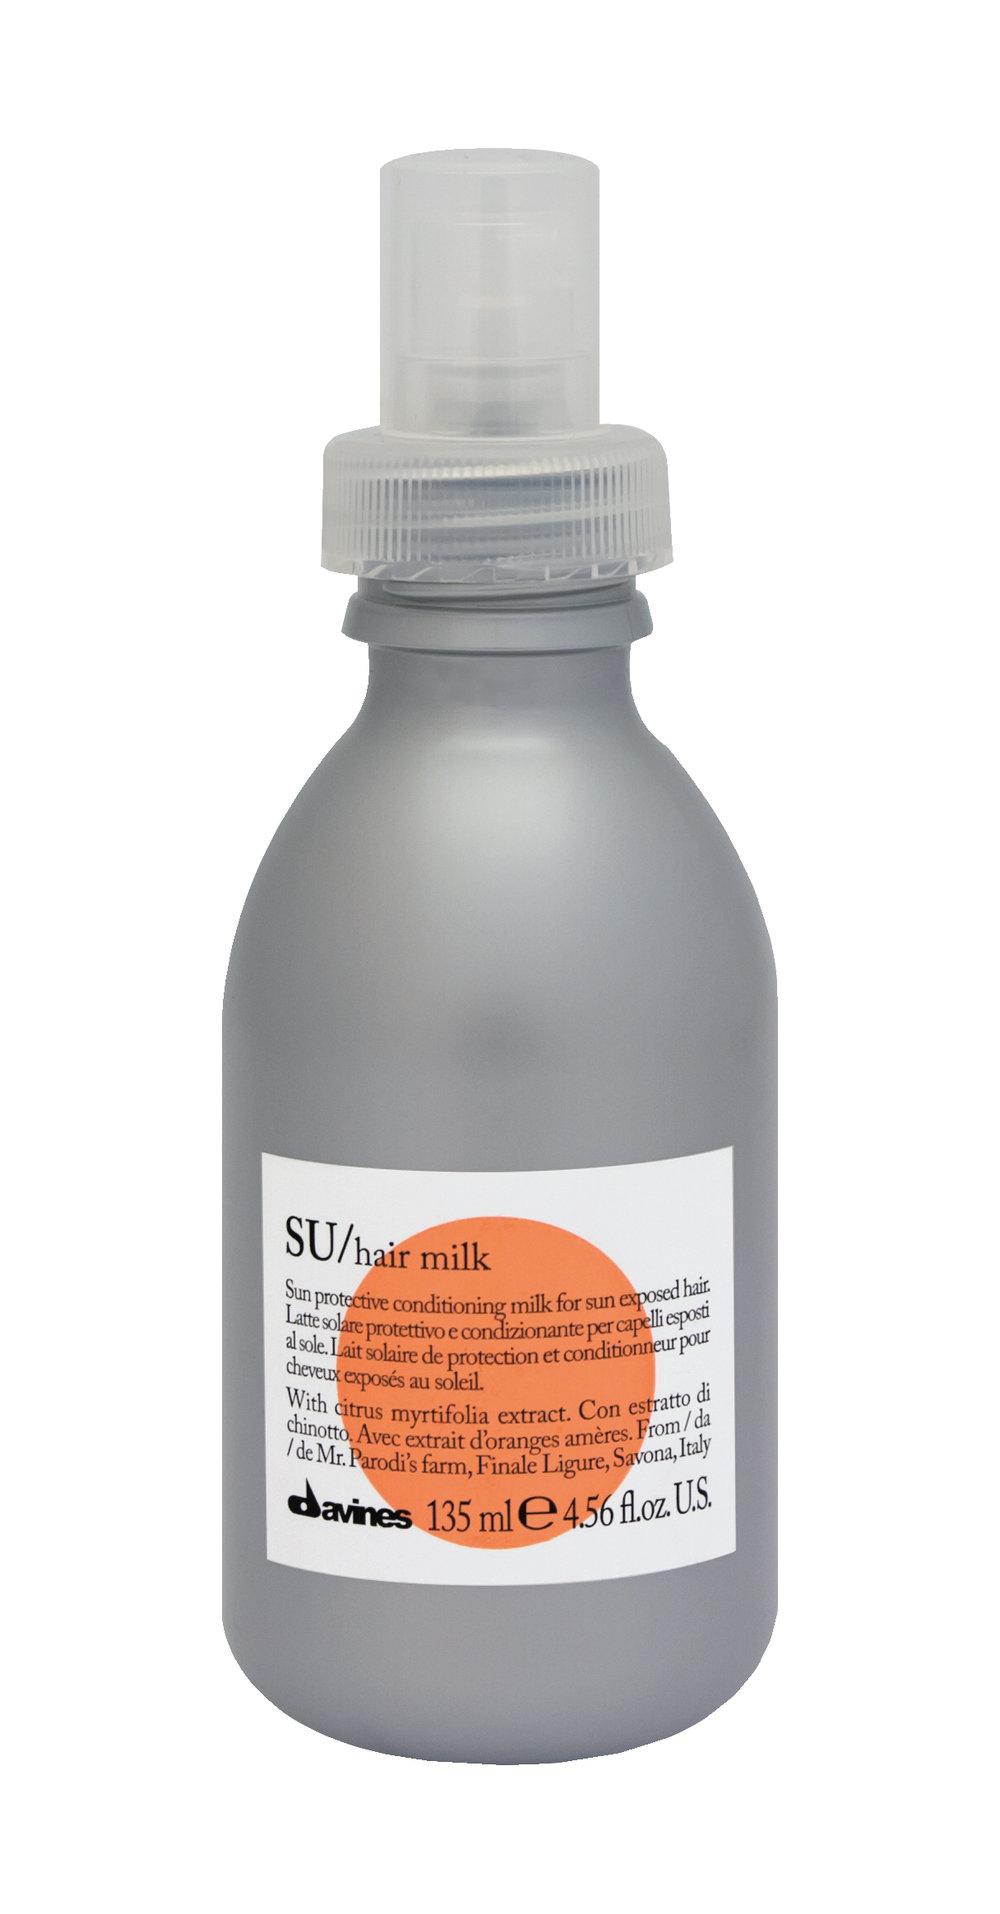 su hair milk 135ml.jpg